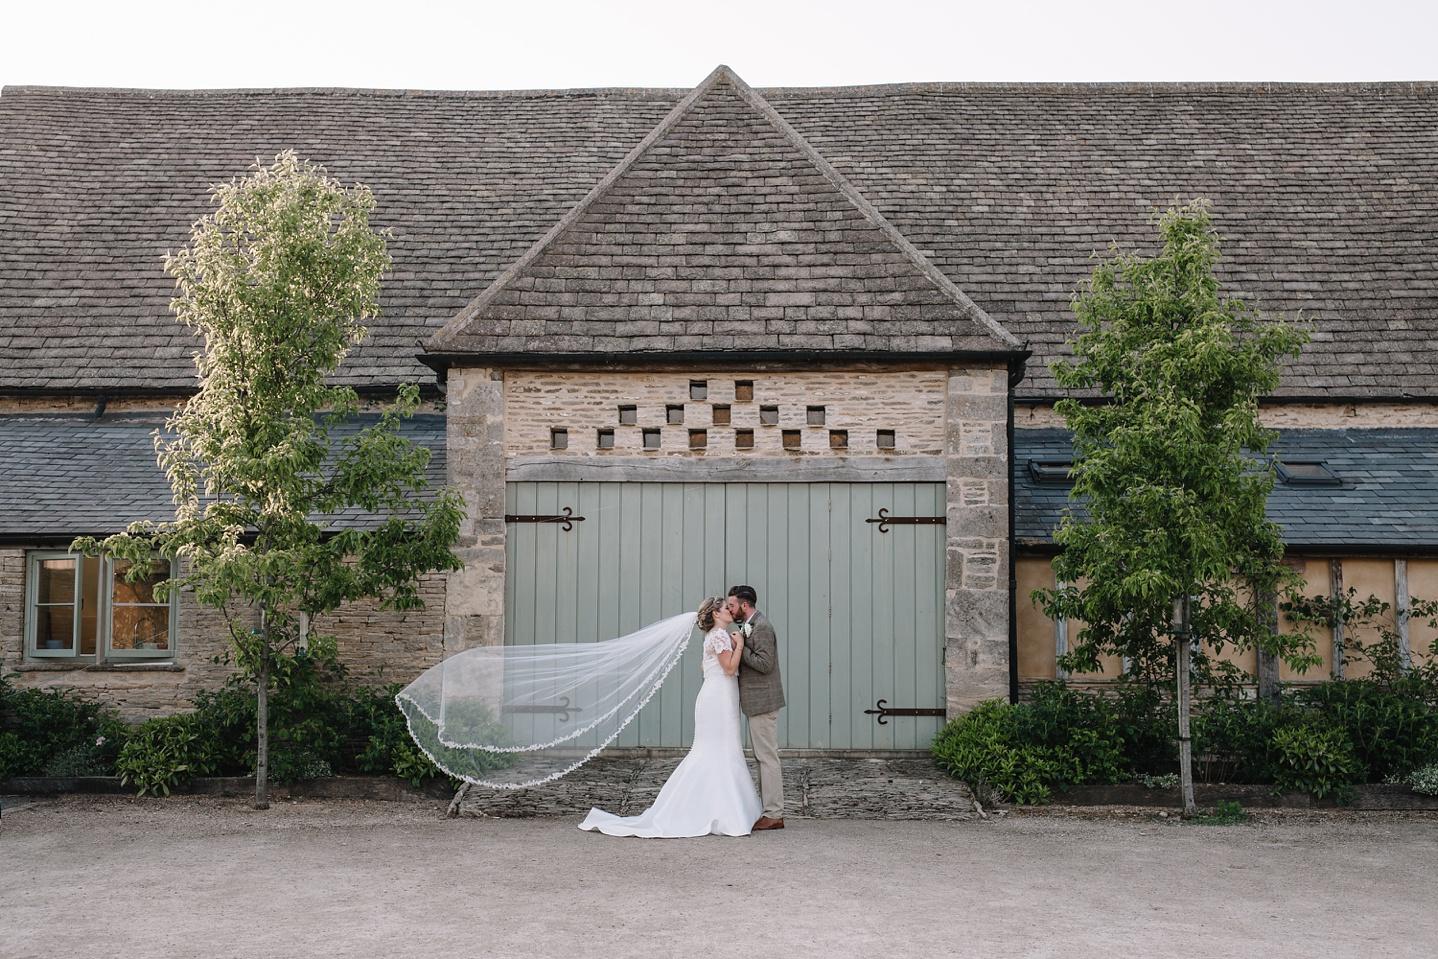 Oxleaze-Barn-Wedding-Photographer_0135.jpg